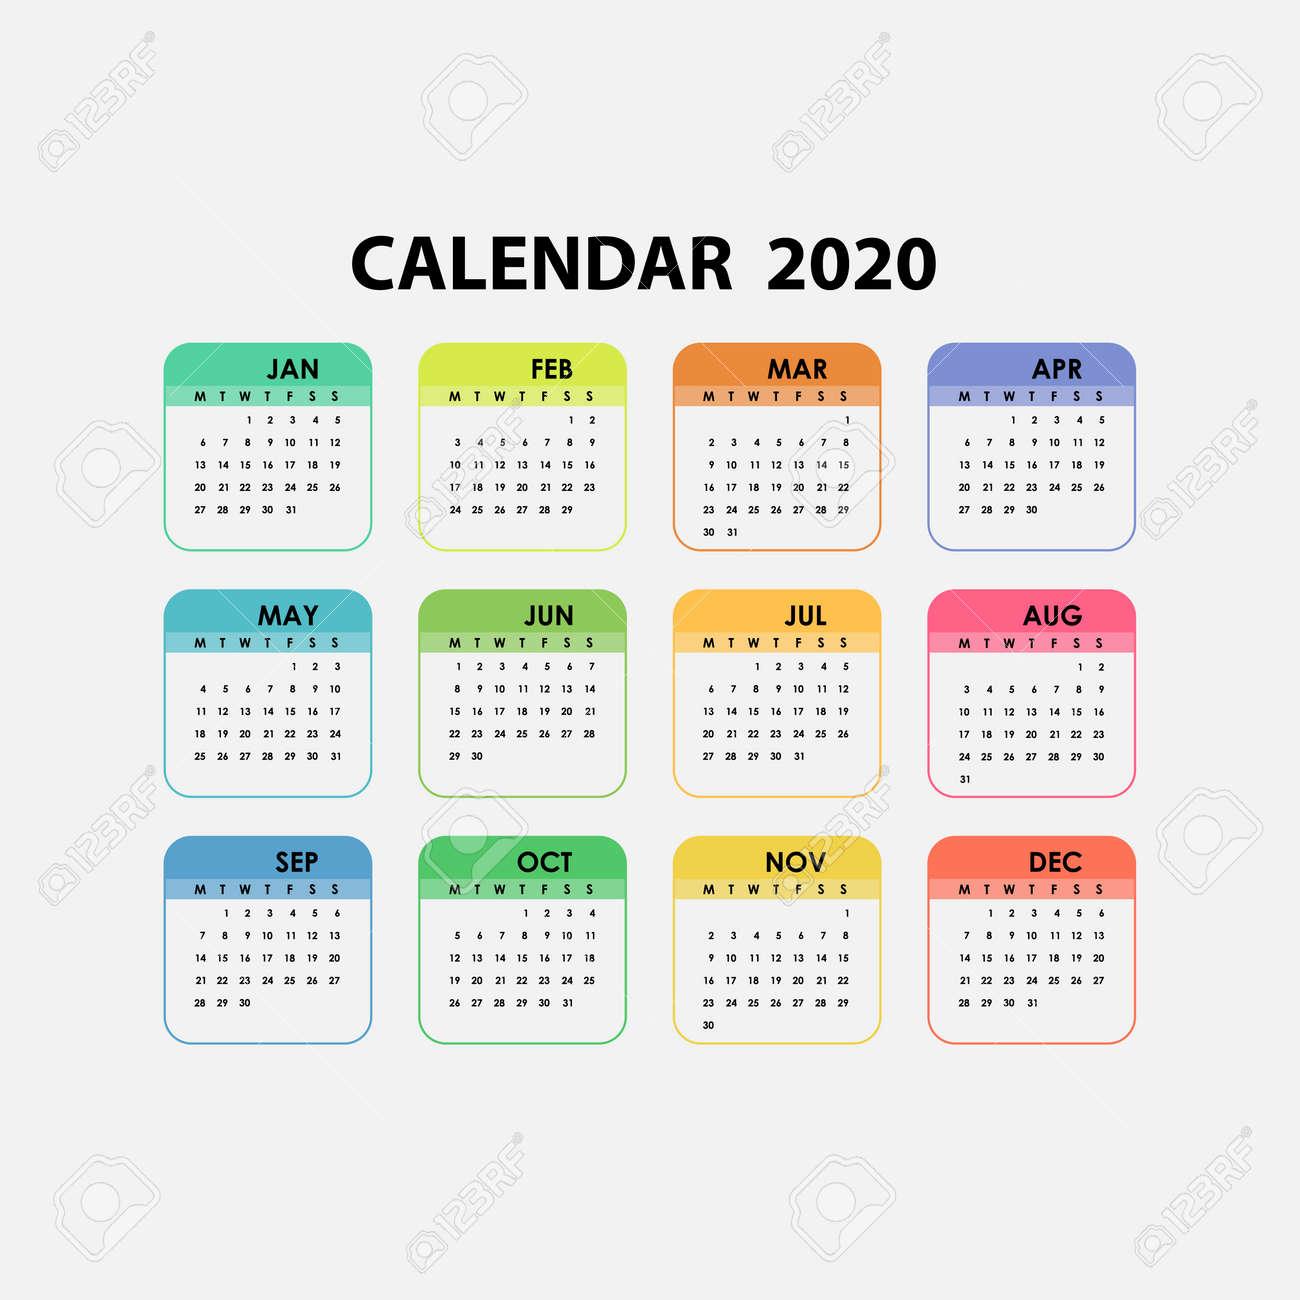 Calendar 2020.2020 Calendar Template Calendar 2020 Set Of 12 Months Yearly